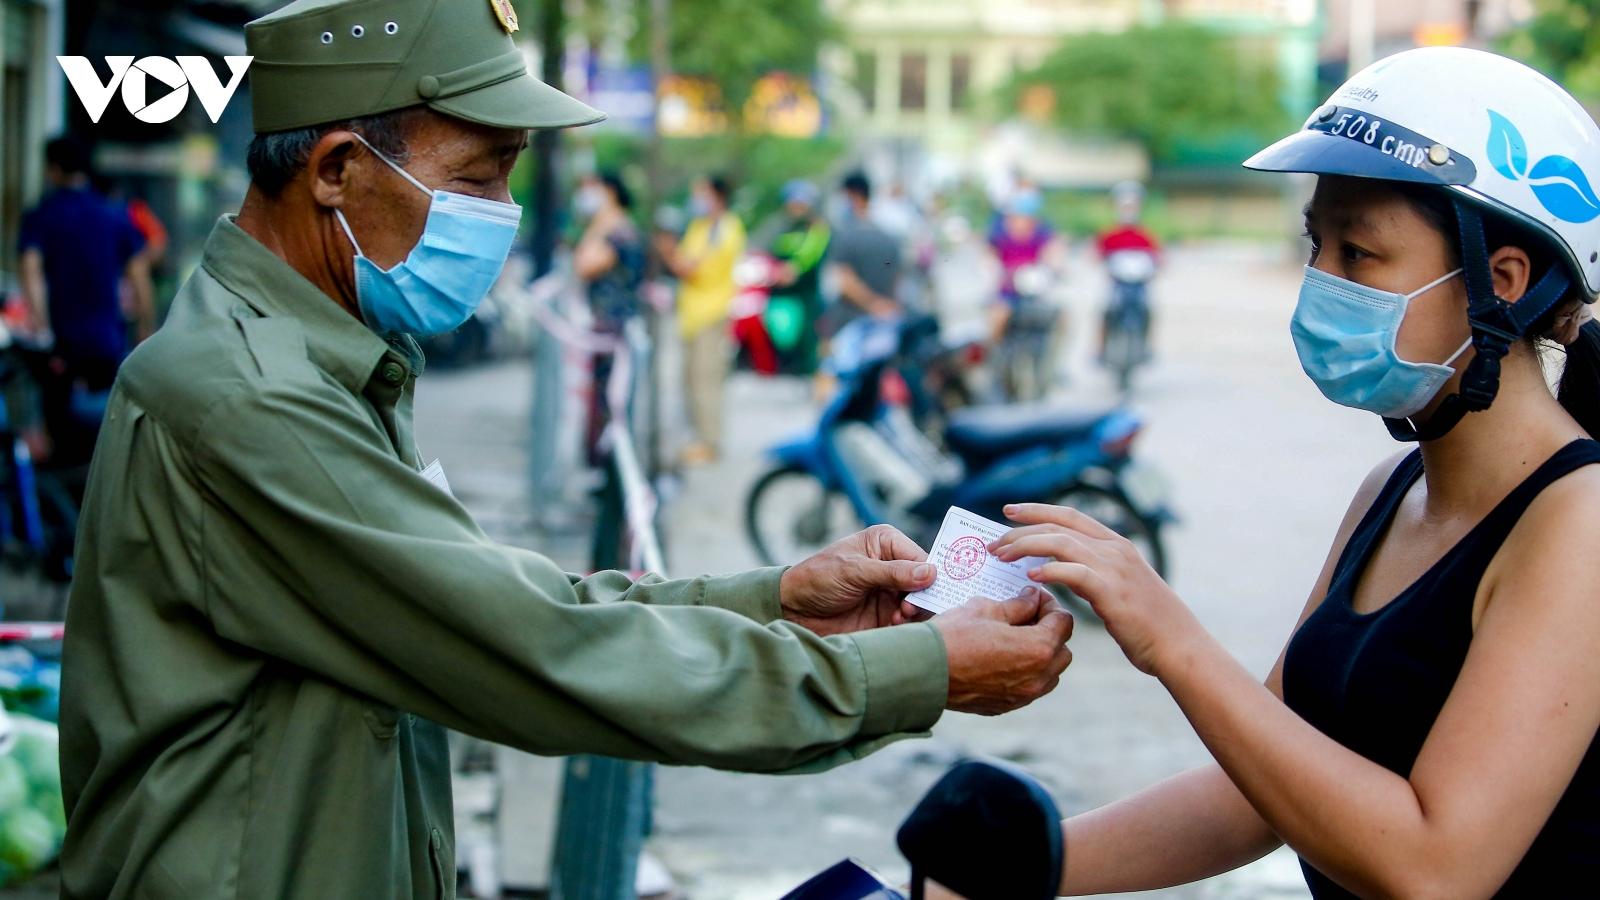 Hà Nội phát phiếu cho người dân luân phiên đi chợ và ra đồng